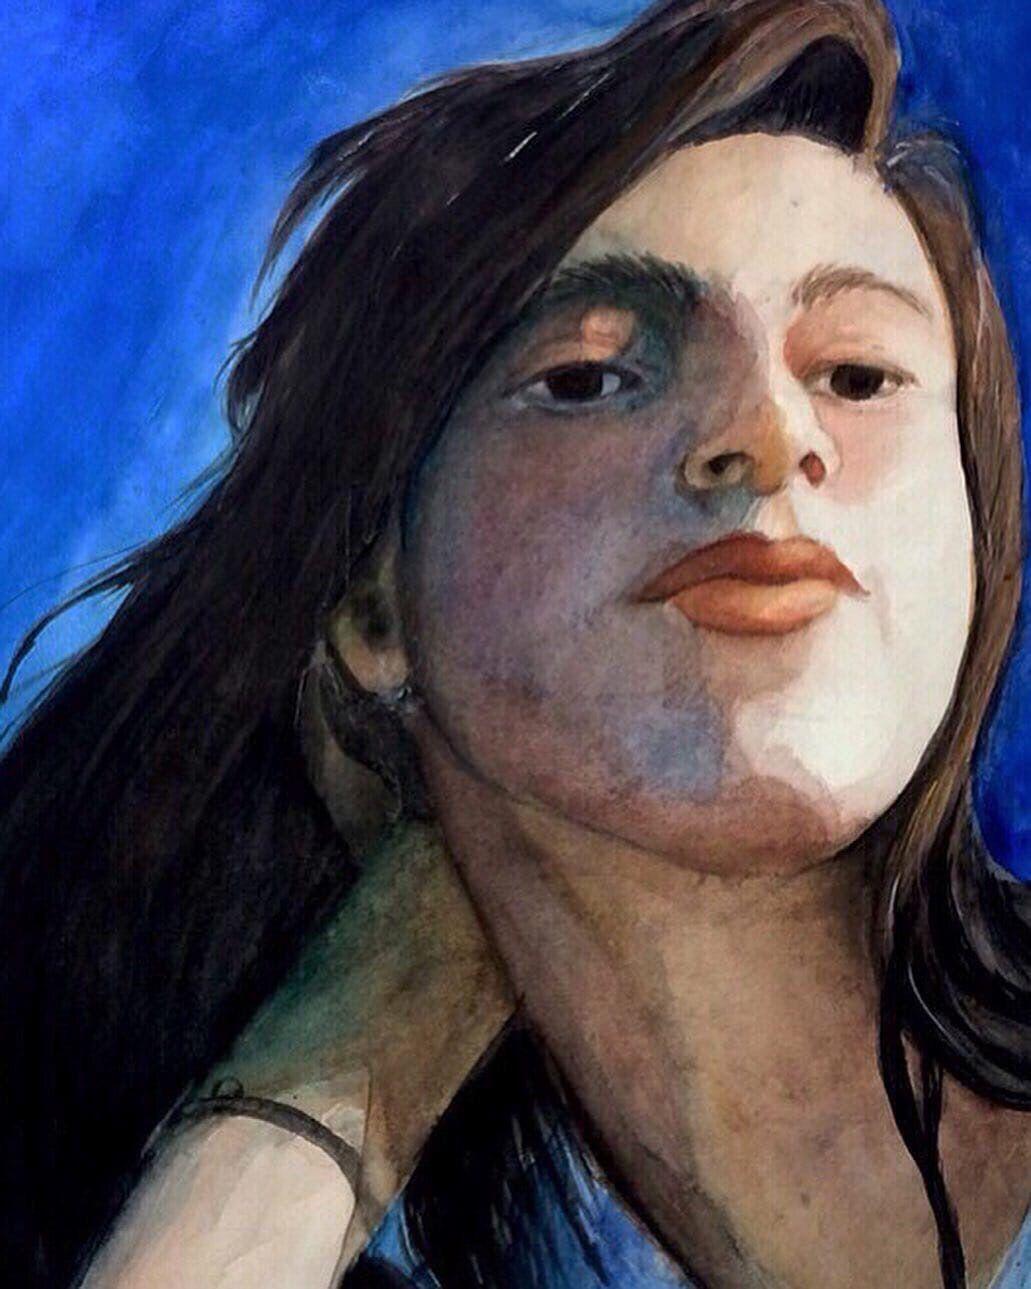 🥳 💜 Желаю, чтобы в жизни было меньше «людей-таксистов», твои друзья и близкие не переставали тебя радовать и , конечно, оставайся такой же доброй, милой и красивой.Надеюсь скоро увидимся) By Ваня  #happybirthday #nastya #art #happyday #watecolor #nastia #russiangirl🇷🇺 #watercolorpainting #friendship #friends #buetifulgirl #spring #memories #girl #watecolorgift #gift #congratulations #сдр #15лет #summer #blue #kpop_artist8 #painting #paint #draw #рисование #акварель